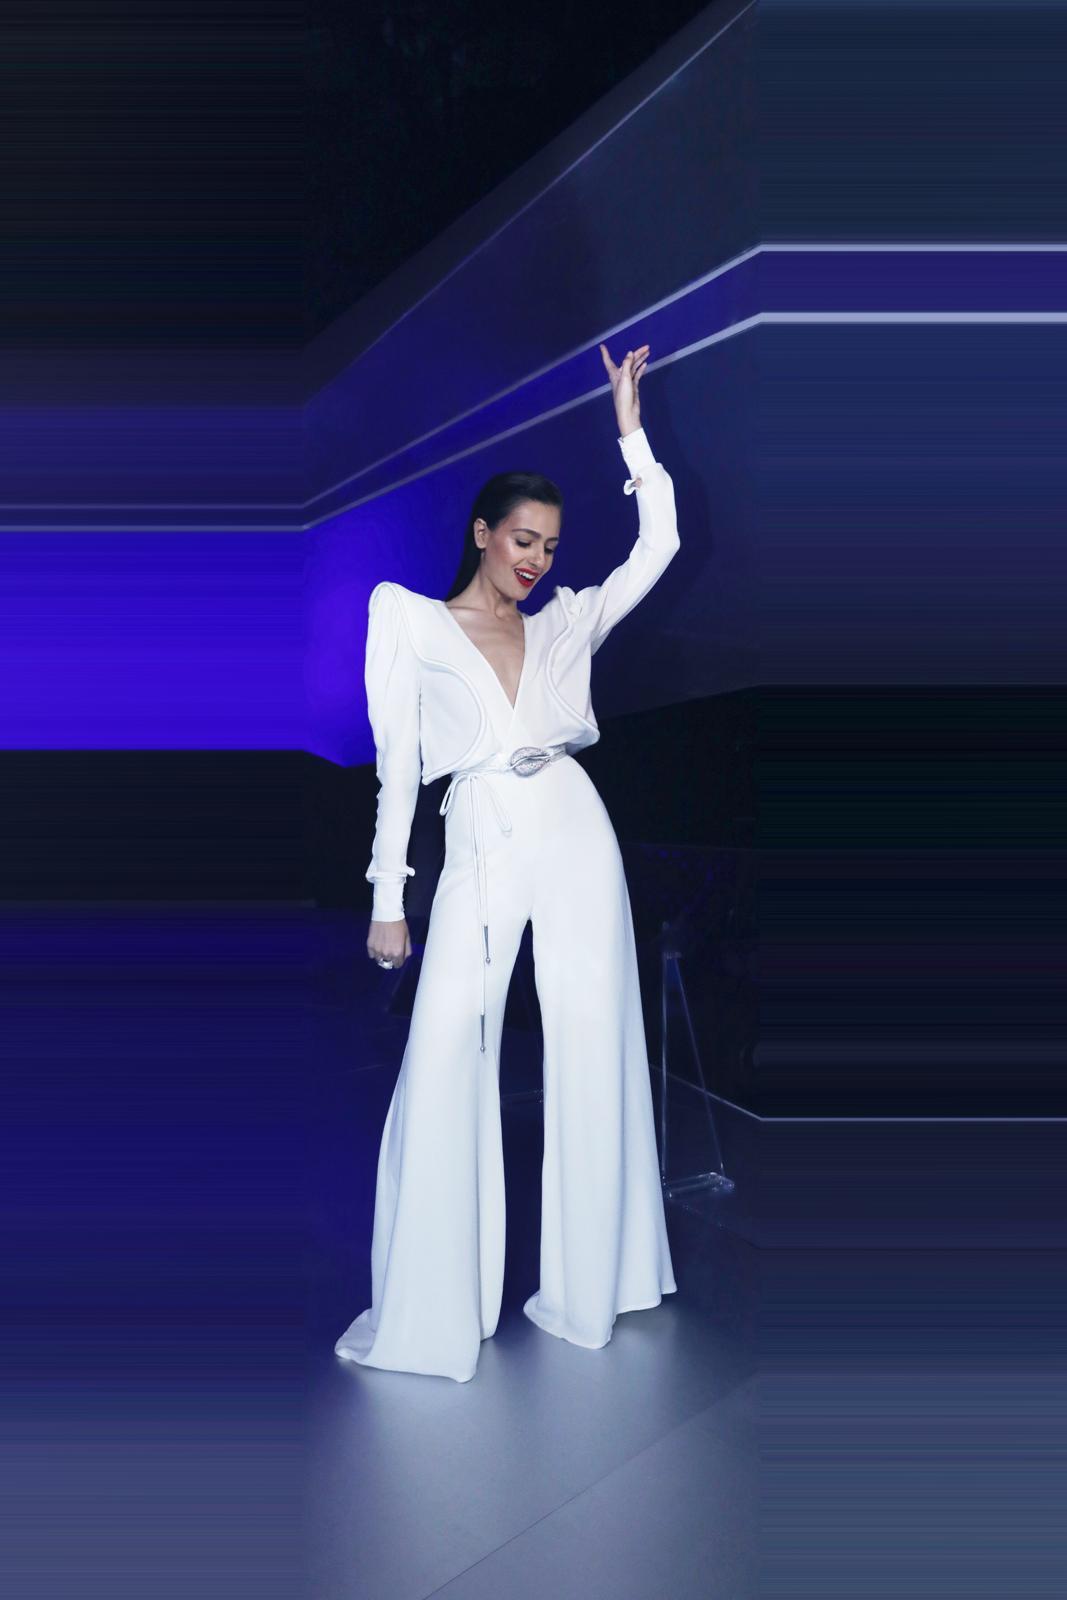 לוסי איוב לובשת ויוי בלאיש באירוויזיון   צילום: נטשה זריקר